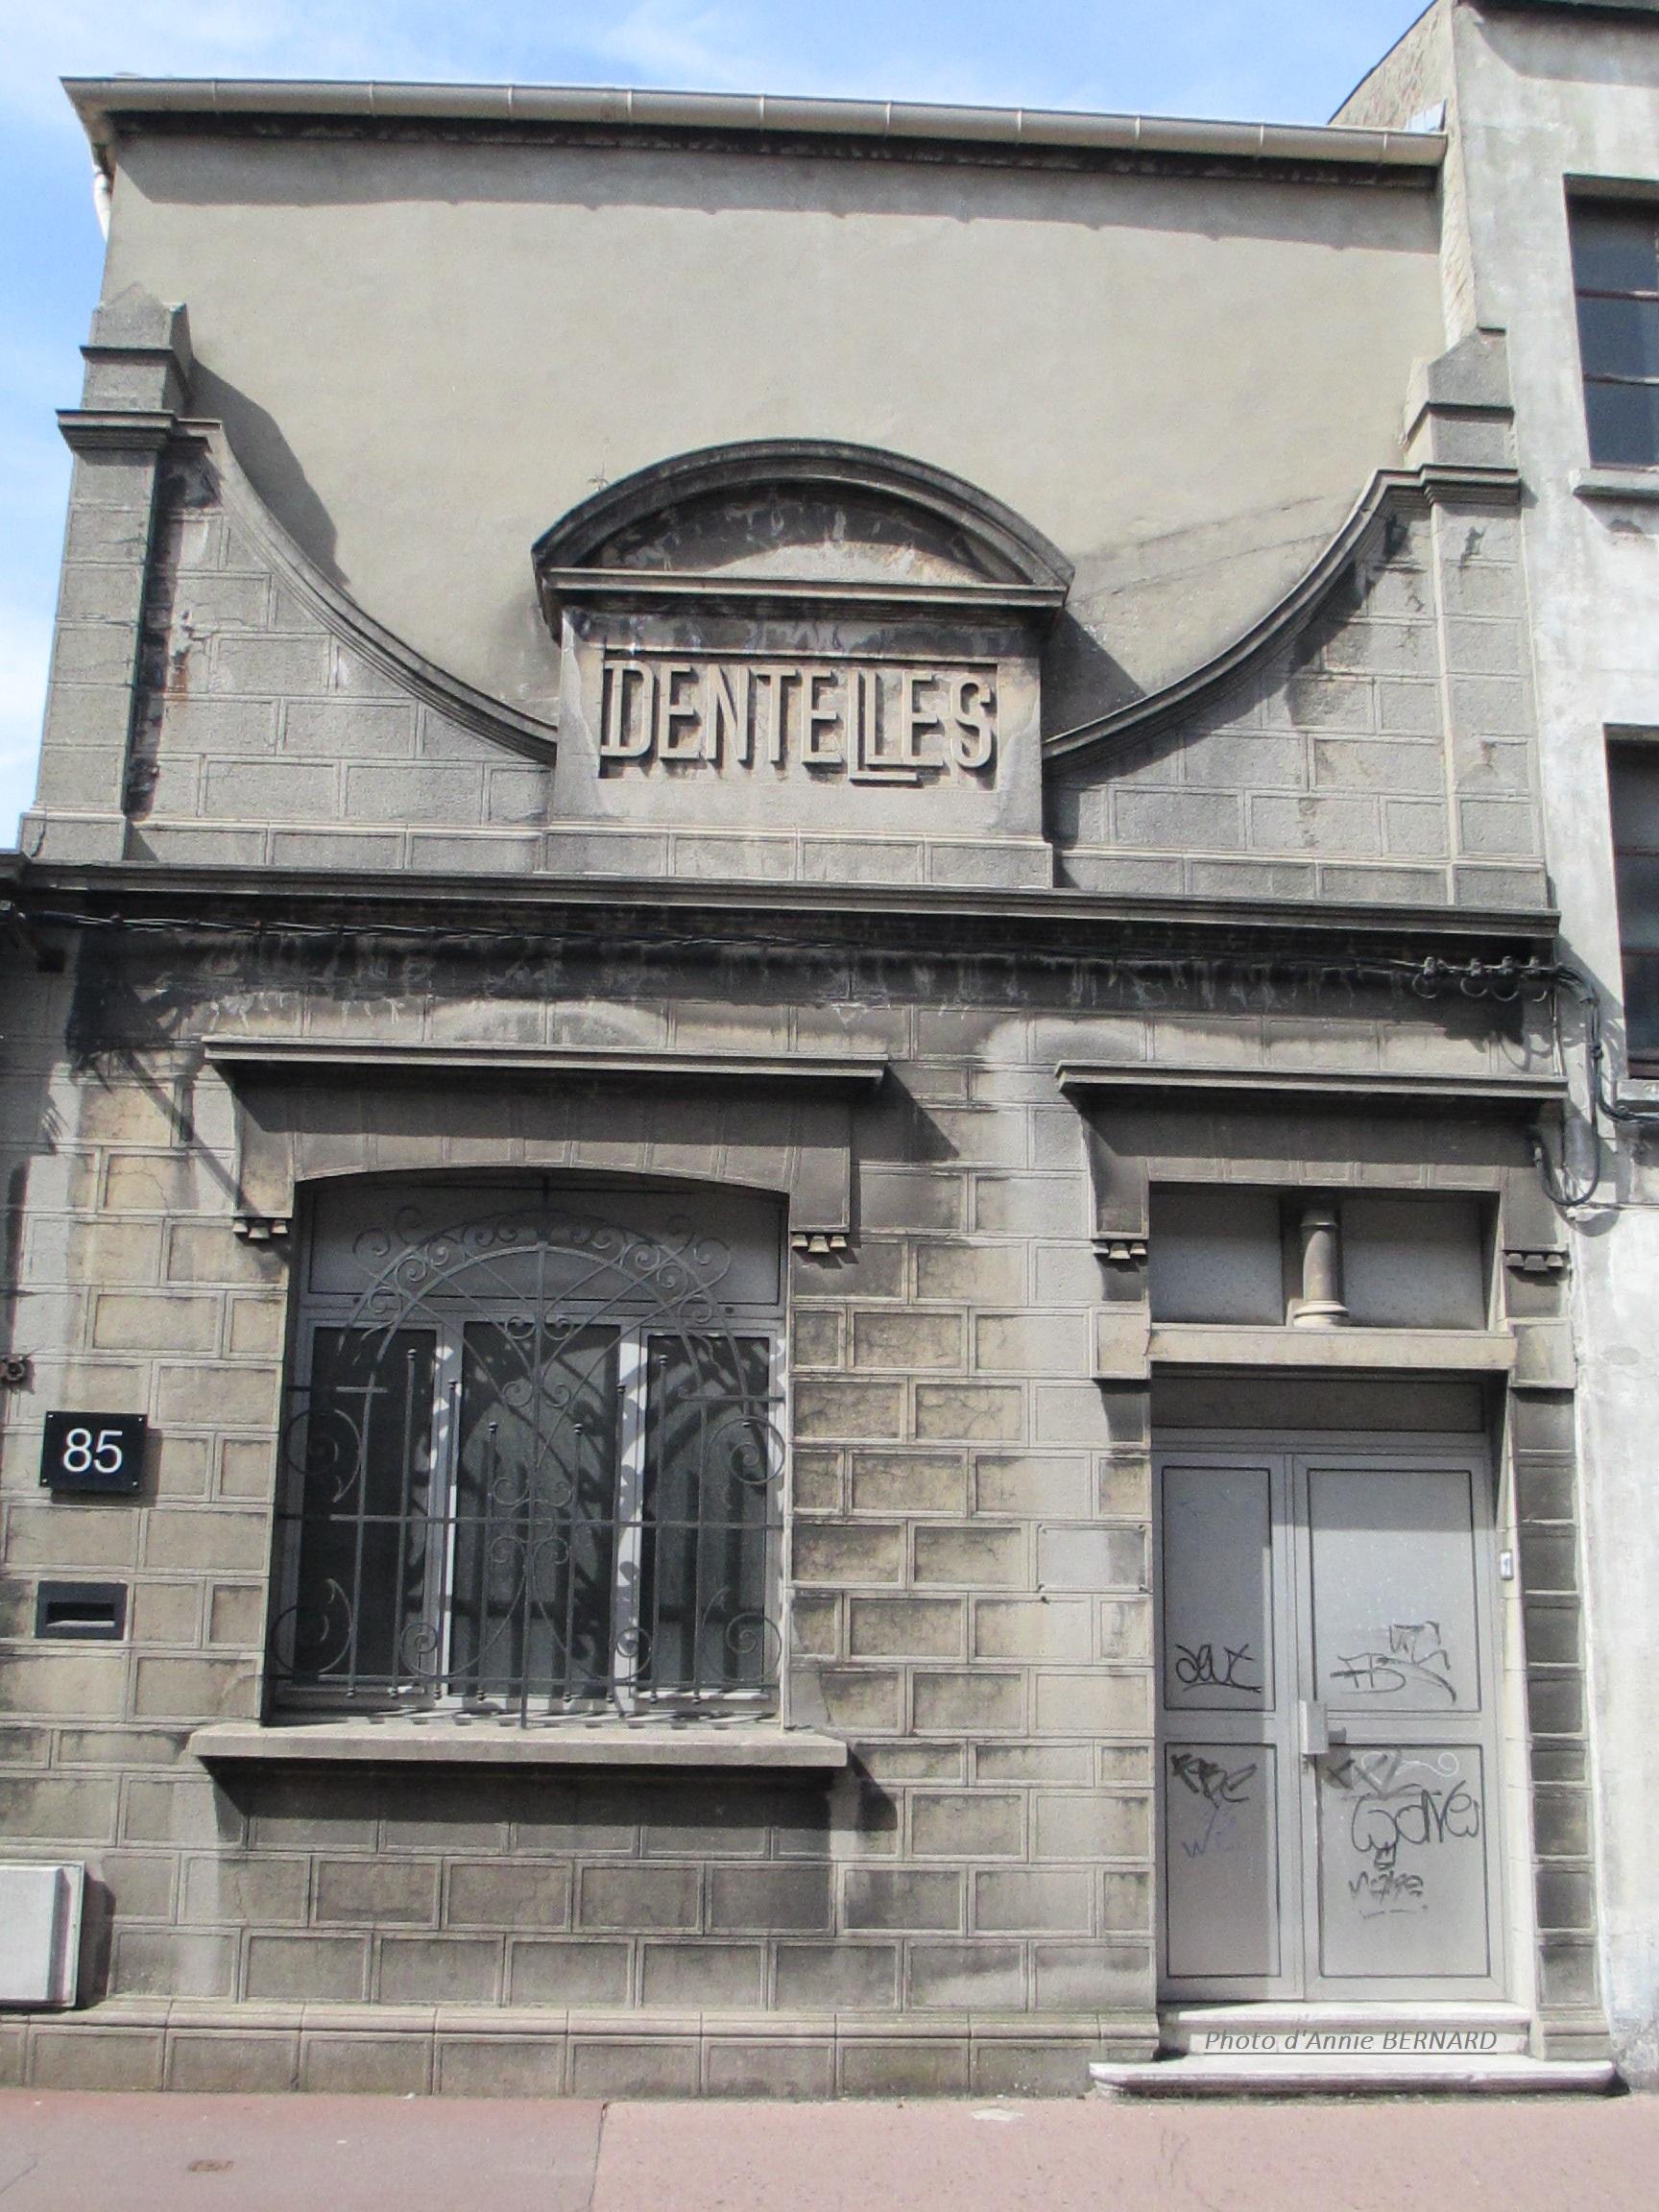 Ancienne usine à dentelle rue de Vic à Calais